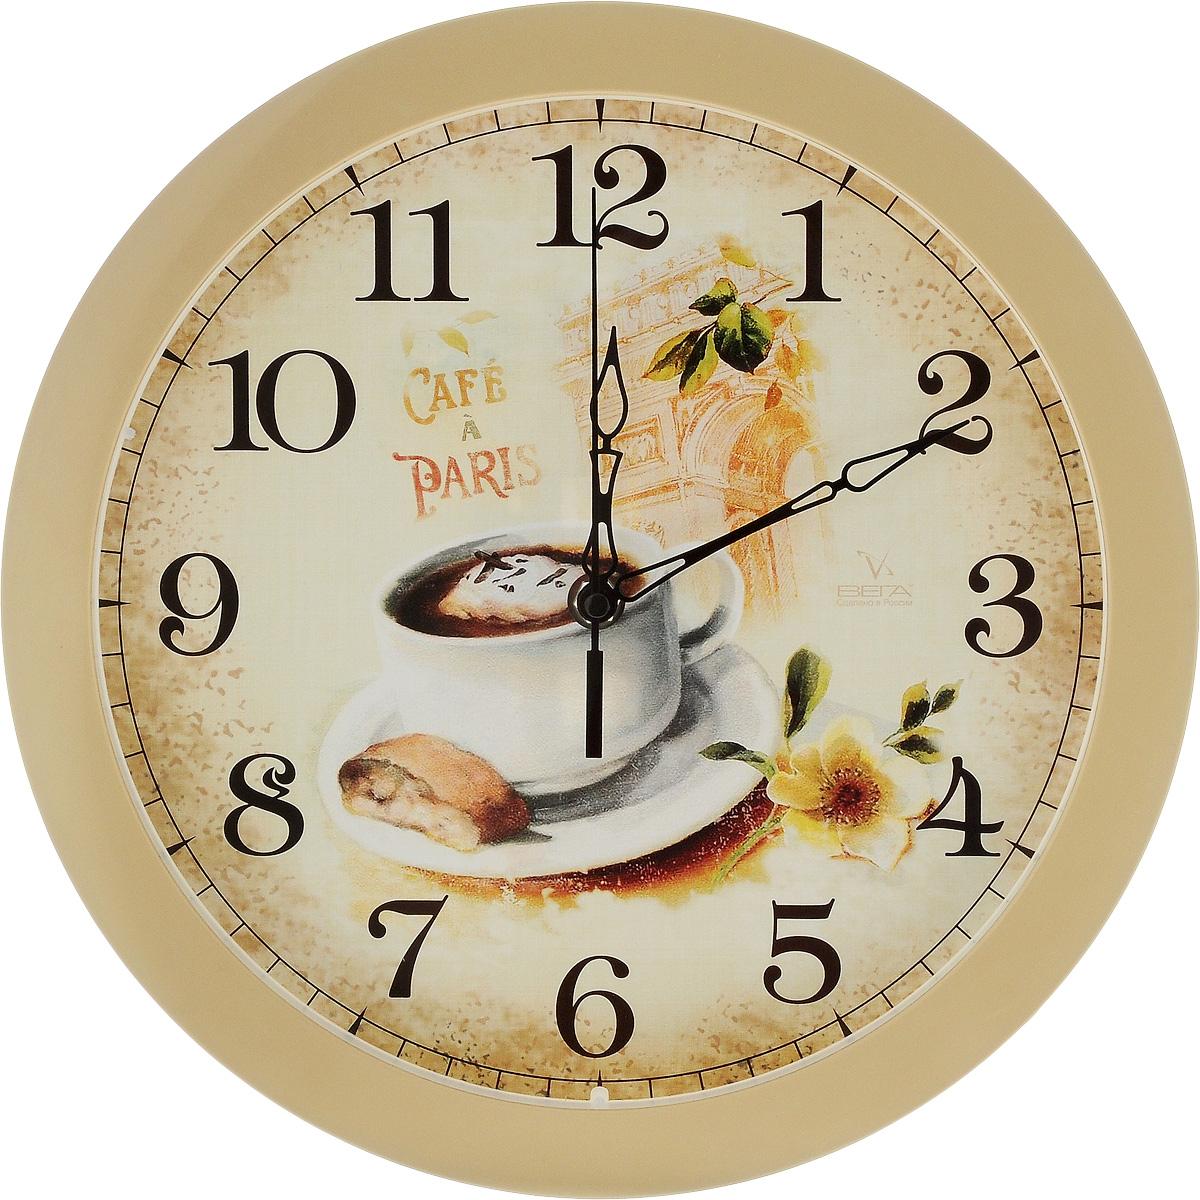 Часы настенные Вега Французский завтрак, диаметр 28,5 см94672Настенные кварцевые часы Вега Французский завтрак, изготовленные из пластика, прекрасно впишутся в интерьер вашего дома. Часы имеют три стрелки: часовую, минутную и секундную, циферблат защищен прозрачным стеклом. Часы работают от 1 батарейки типа АА напряжением 1,5 В (не входит в комплект).Диаметр часов: 28,5 см.